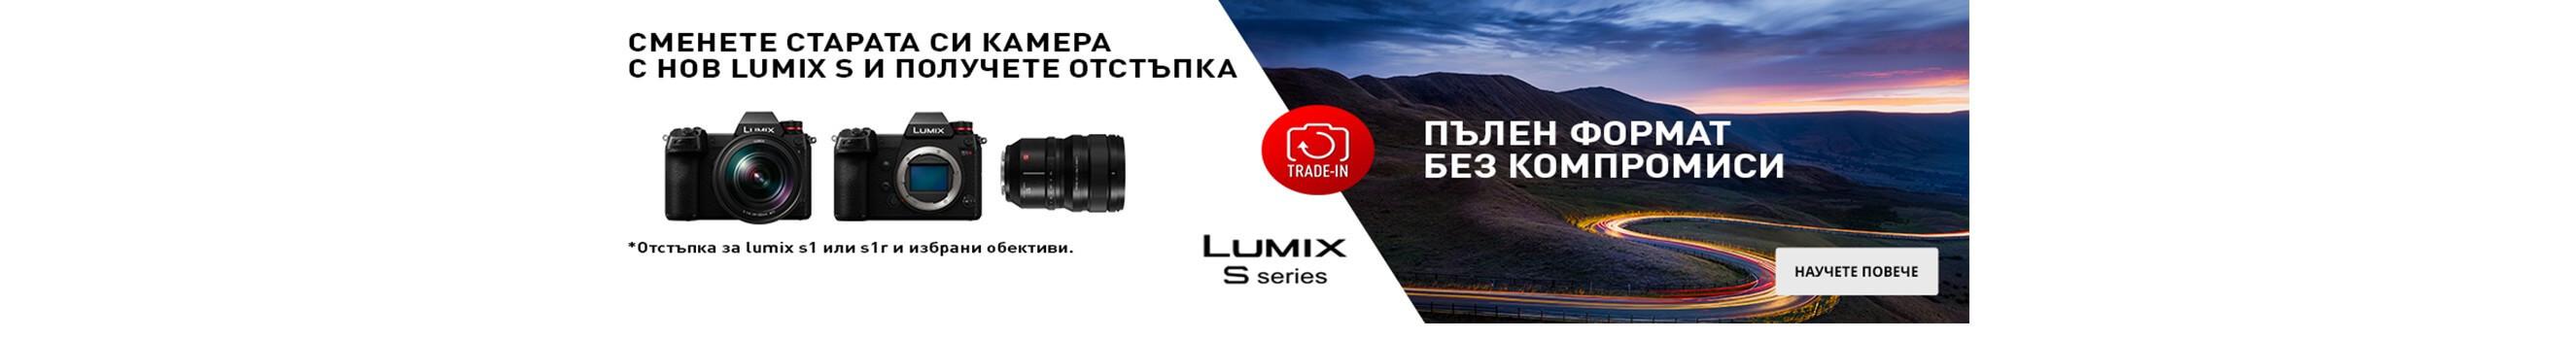 Новите фулфрейм фотоапарати Panasonic S